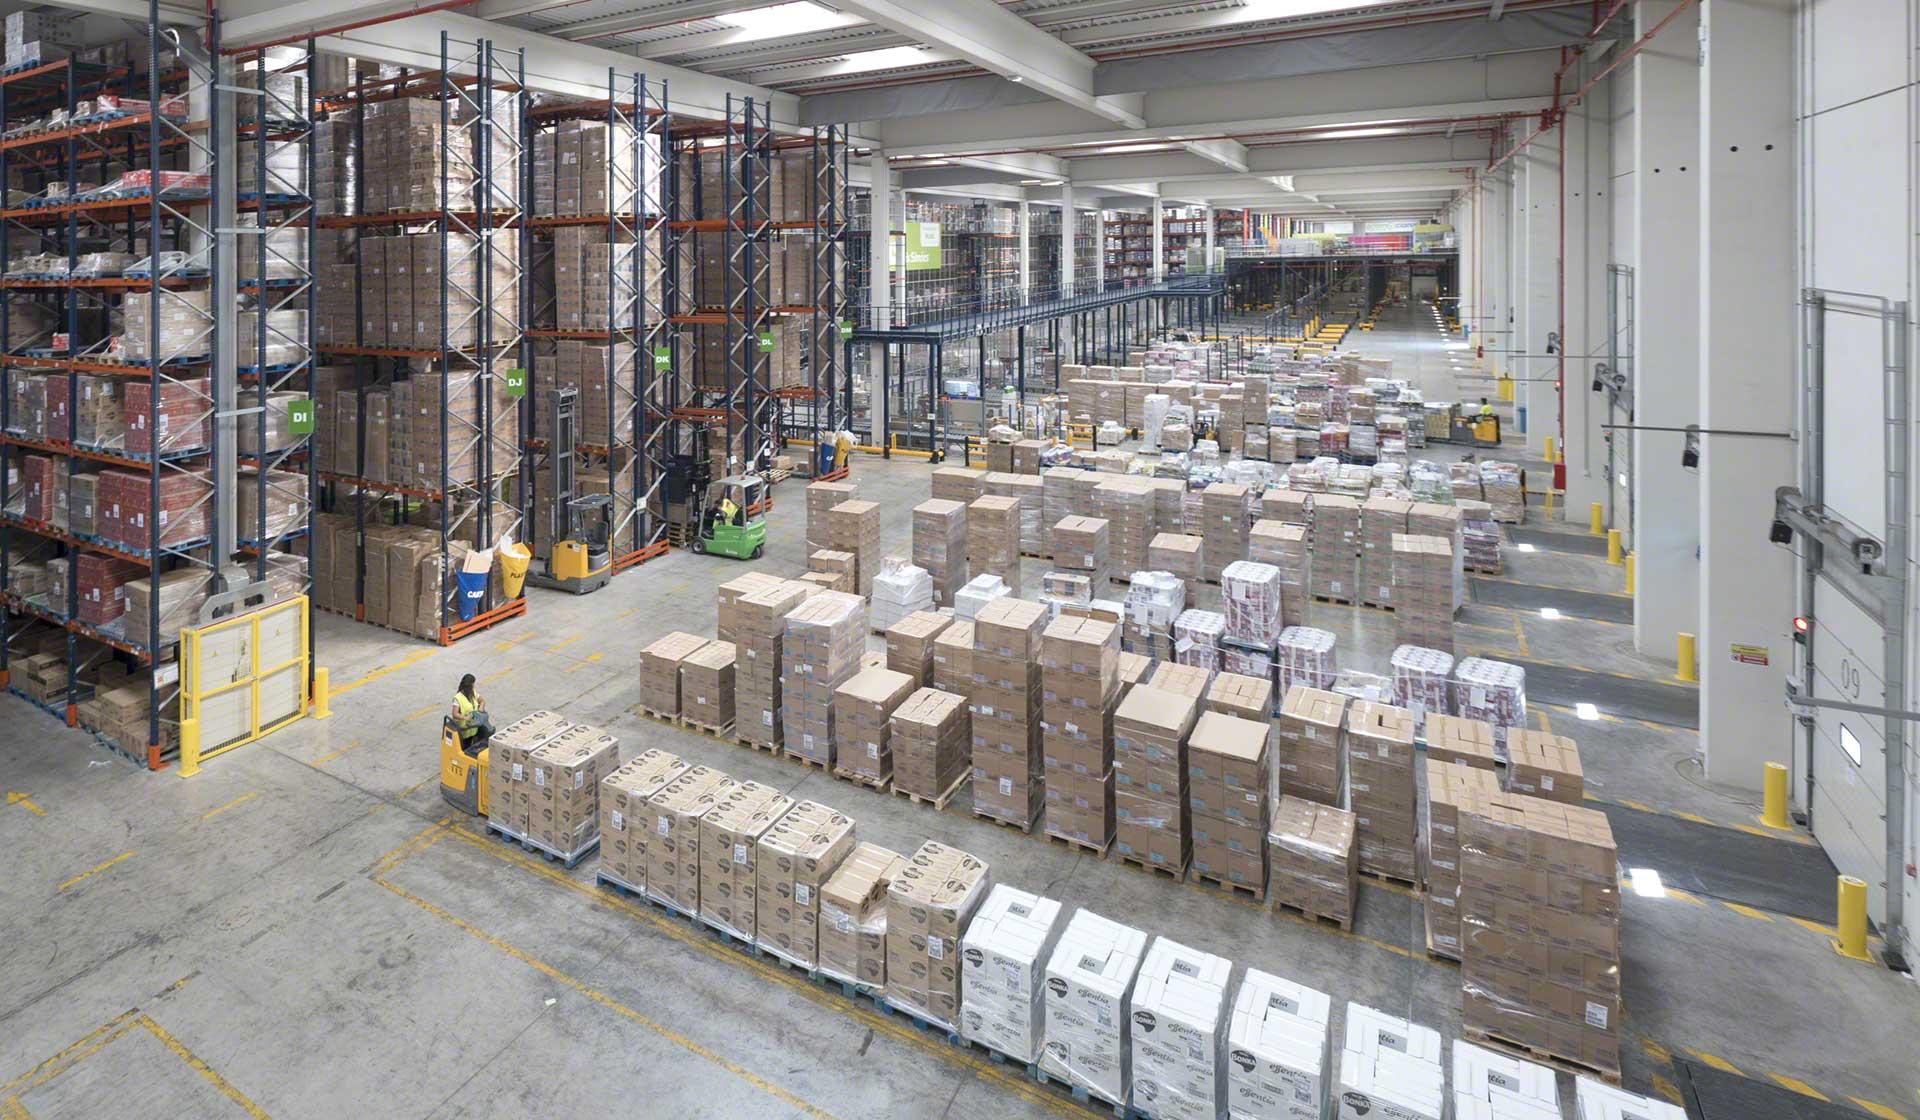 L'application de techniques d'amélioration continue assure la réduction des coûts logistiques et l'augmentation de la productivité de votre entrepôt